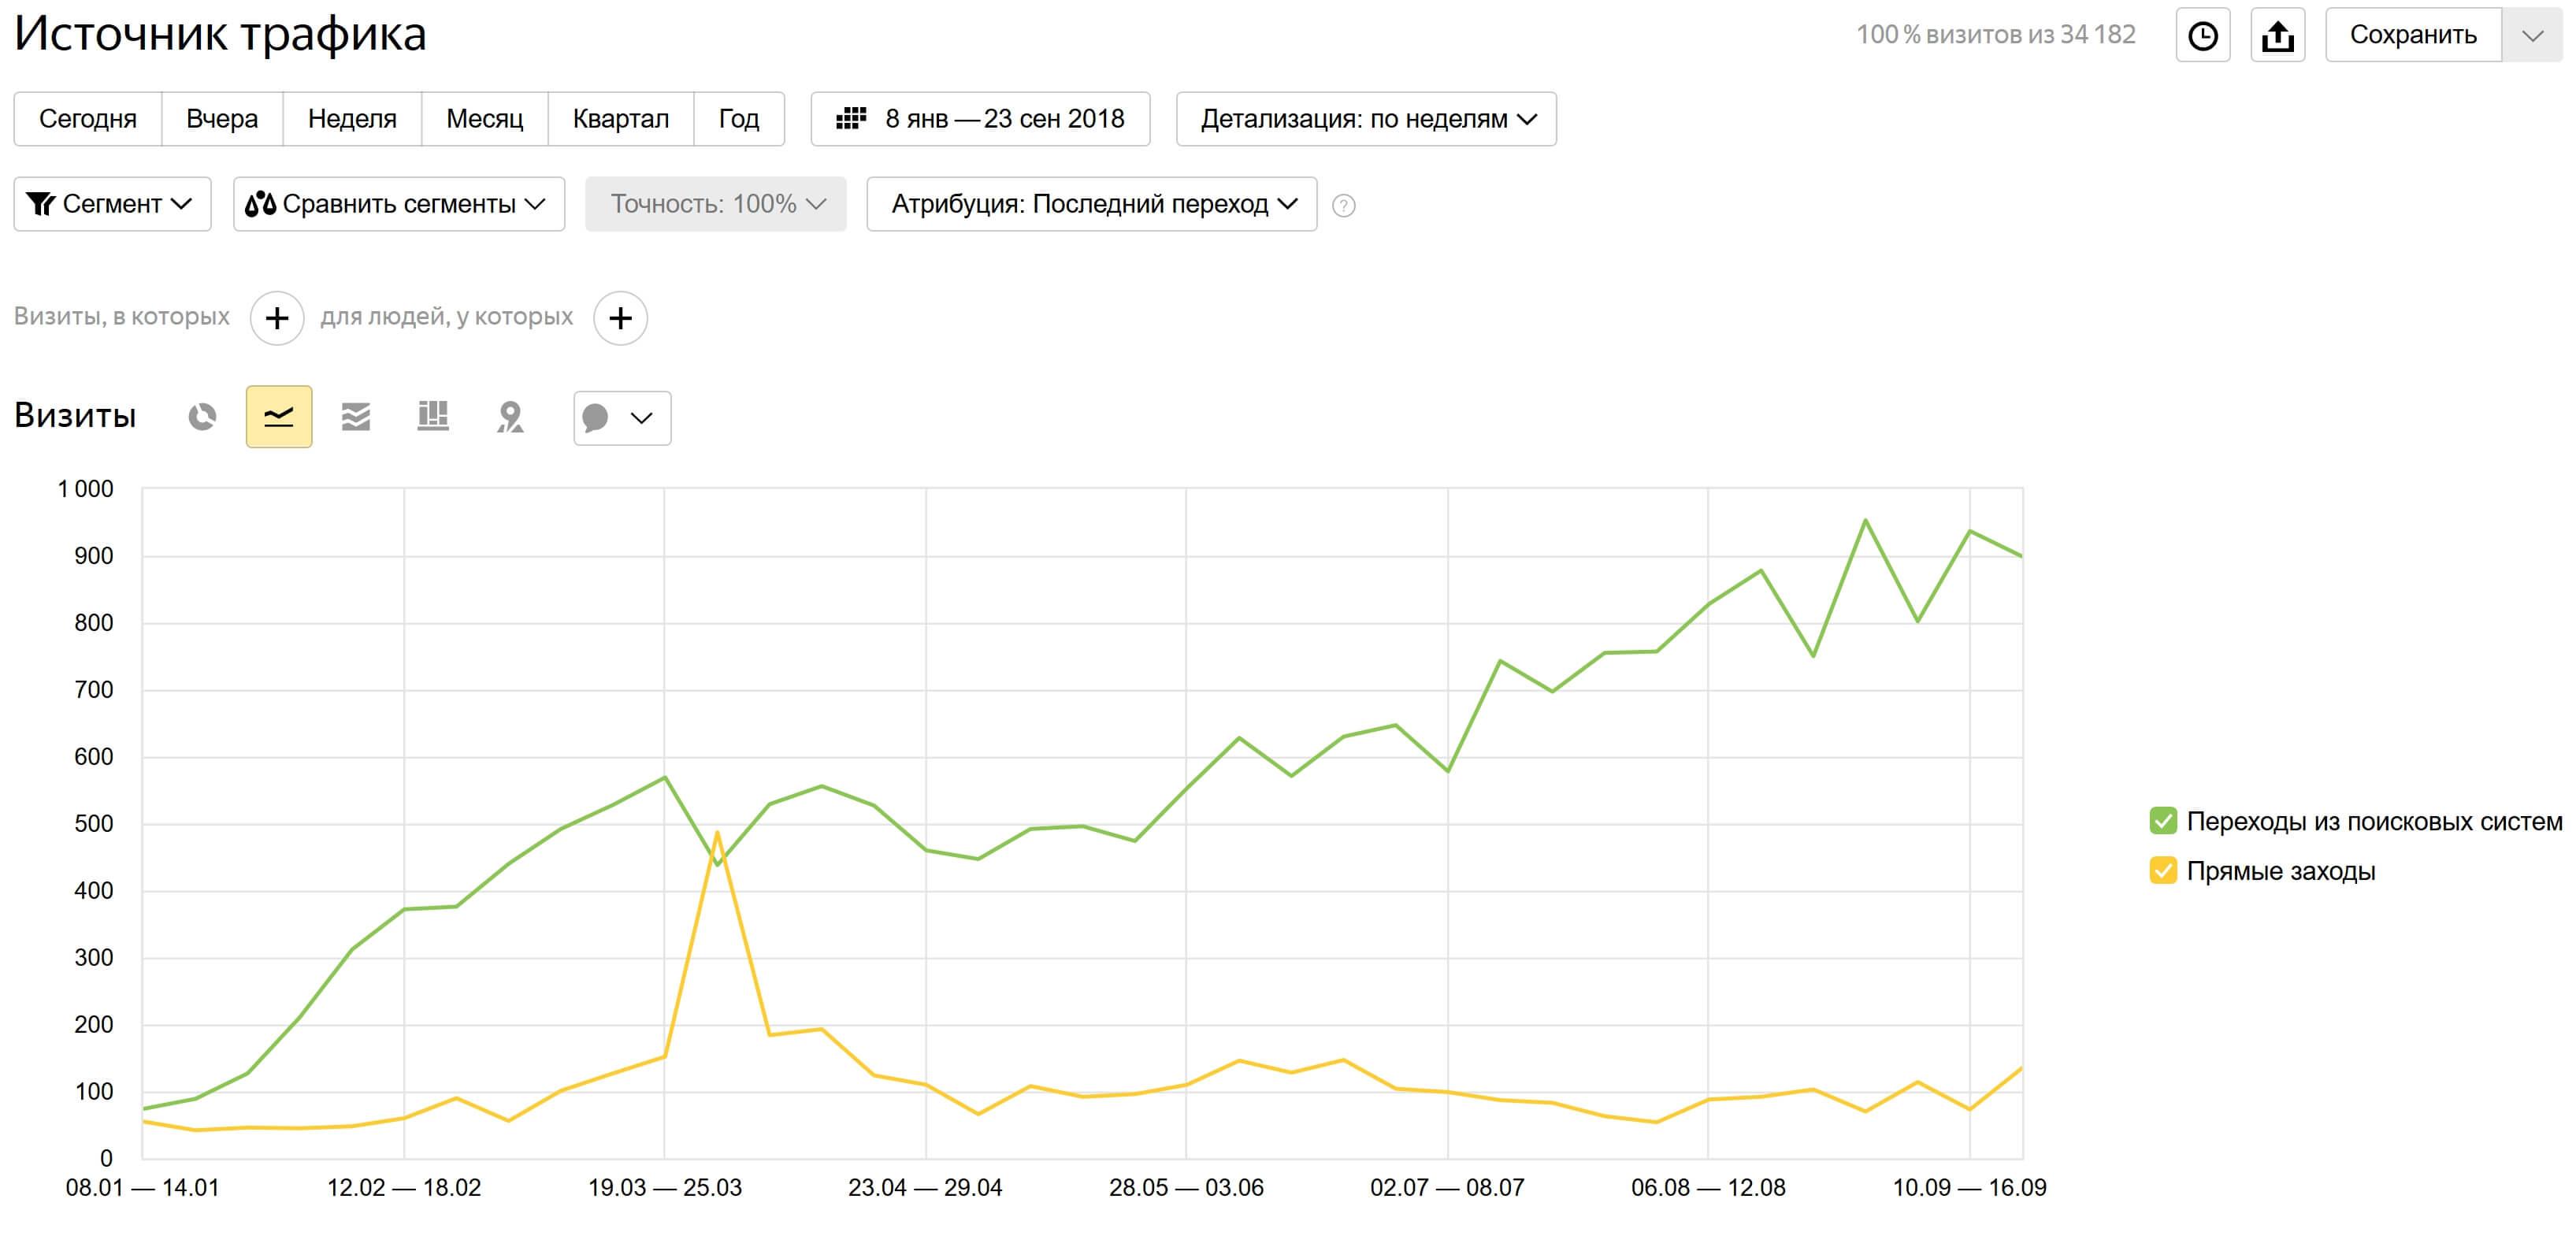 График трафика с поисковых систем